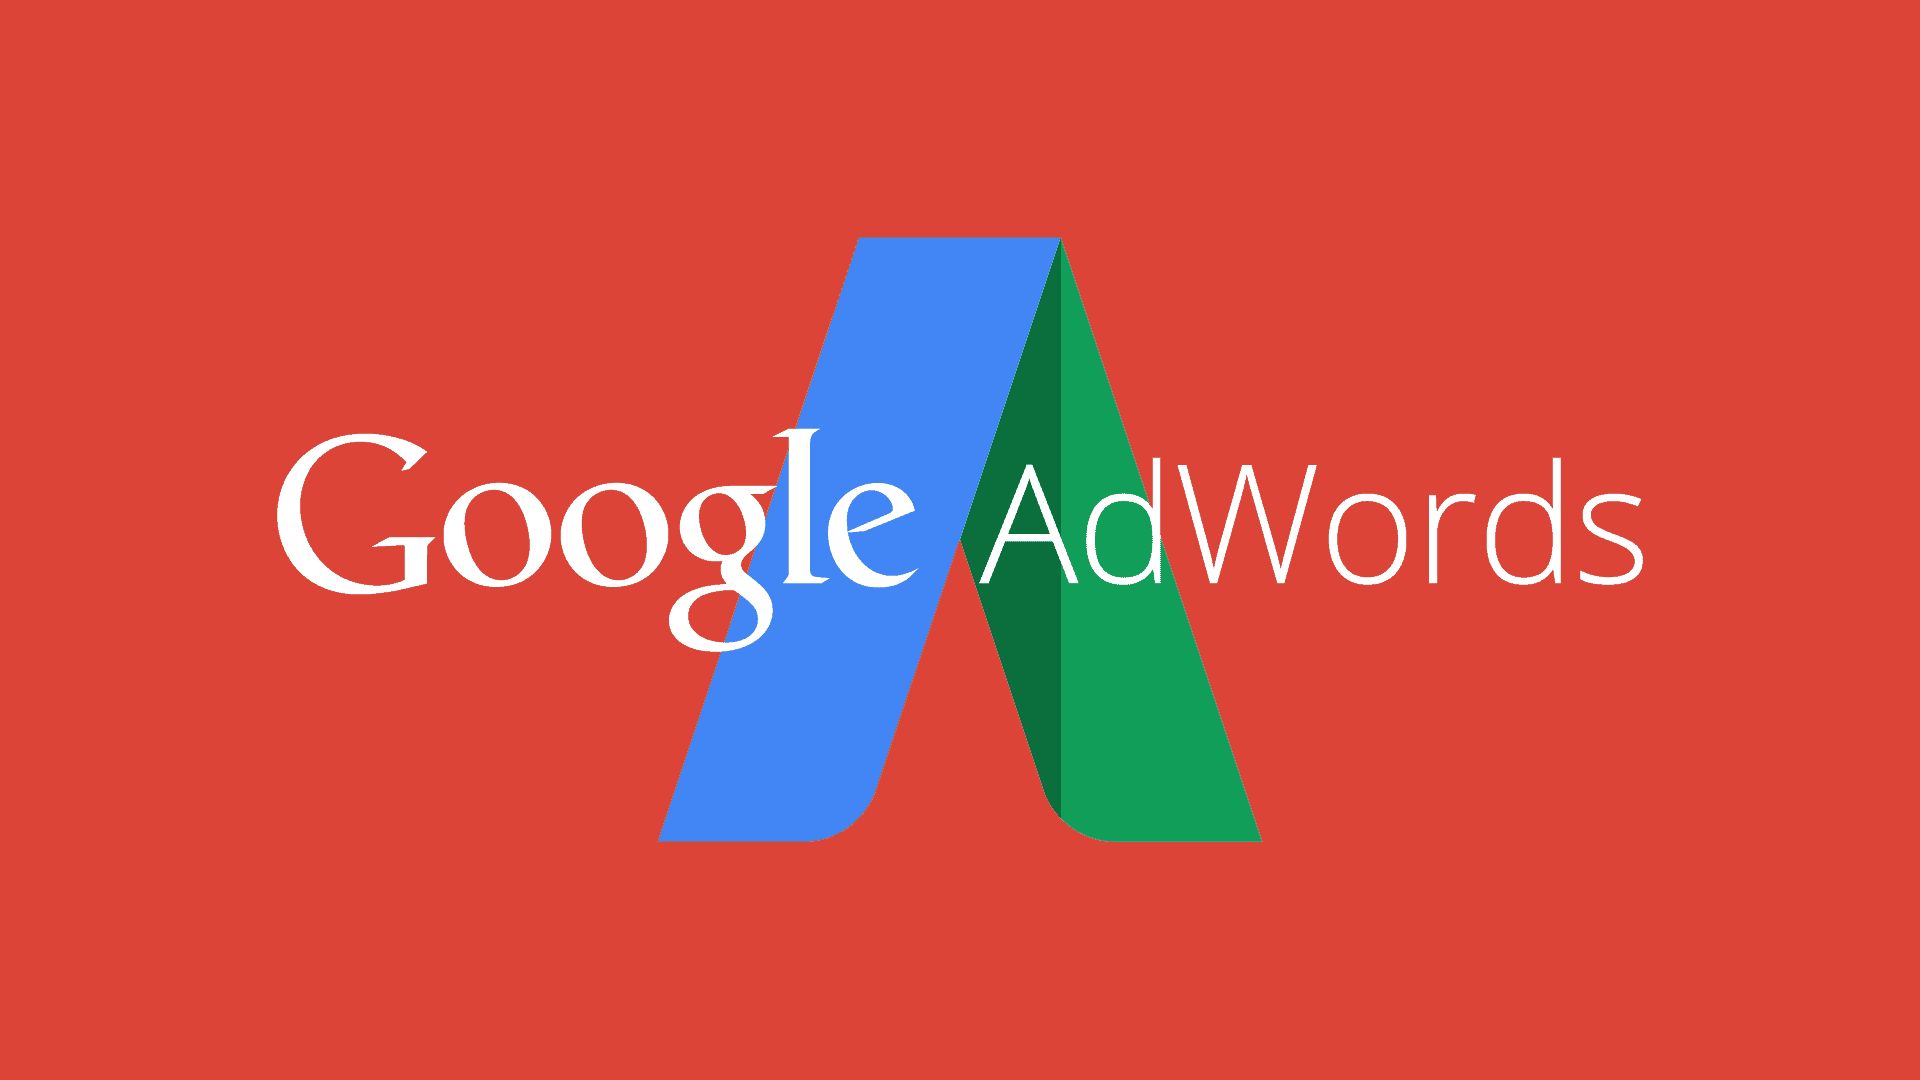 بالخطوات كيفية تقليل مصاريف الحملات الإعلانية عبر جوجل ادوارد